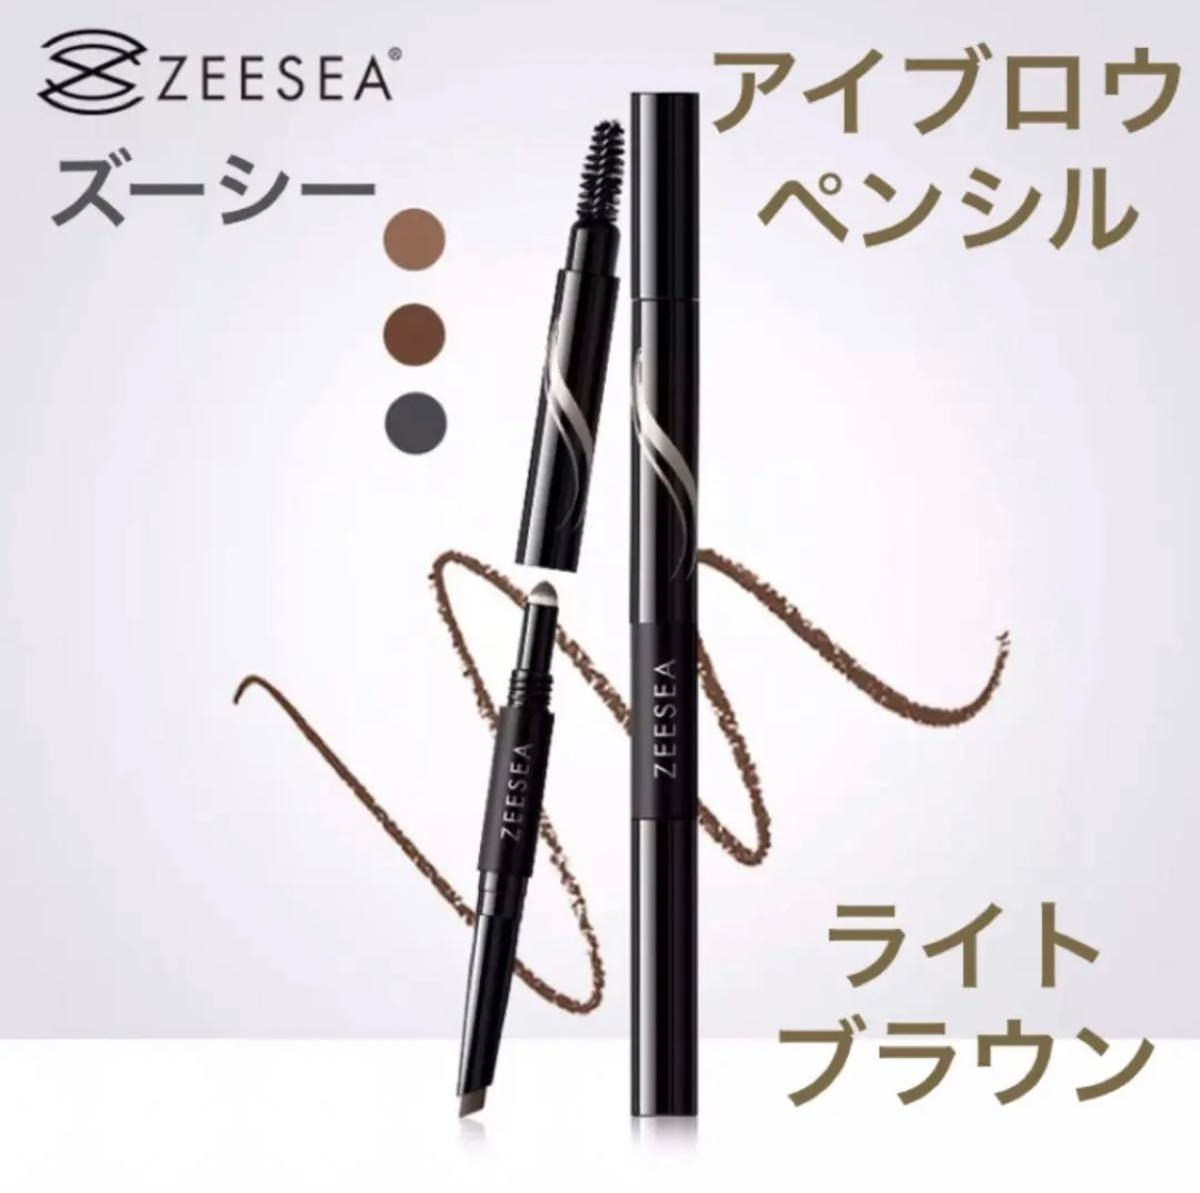 【新品】ズーシー ZEESEA 3in1 アイブロウペンシル ライトブラウン